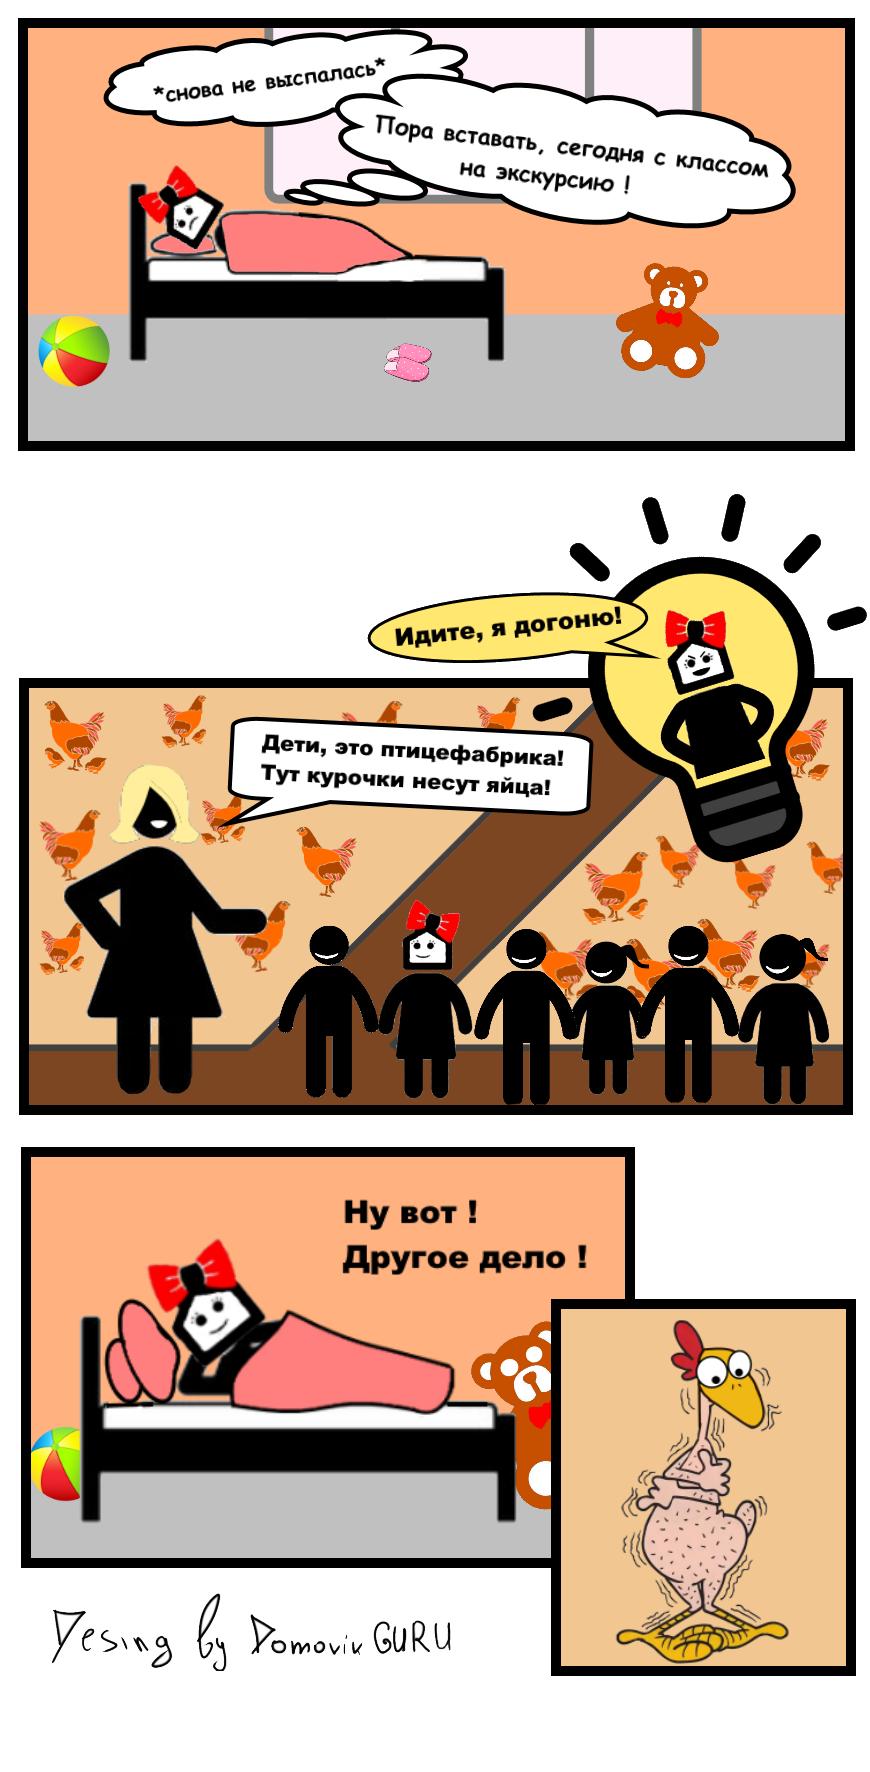 Коварный мир - комиксы домовик.гуру